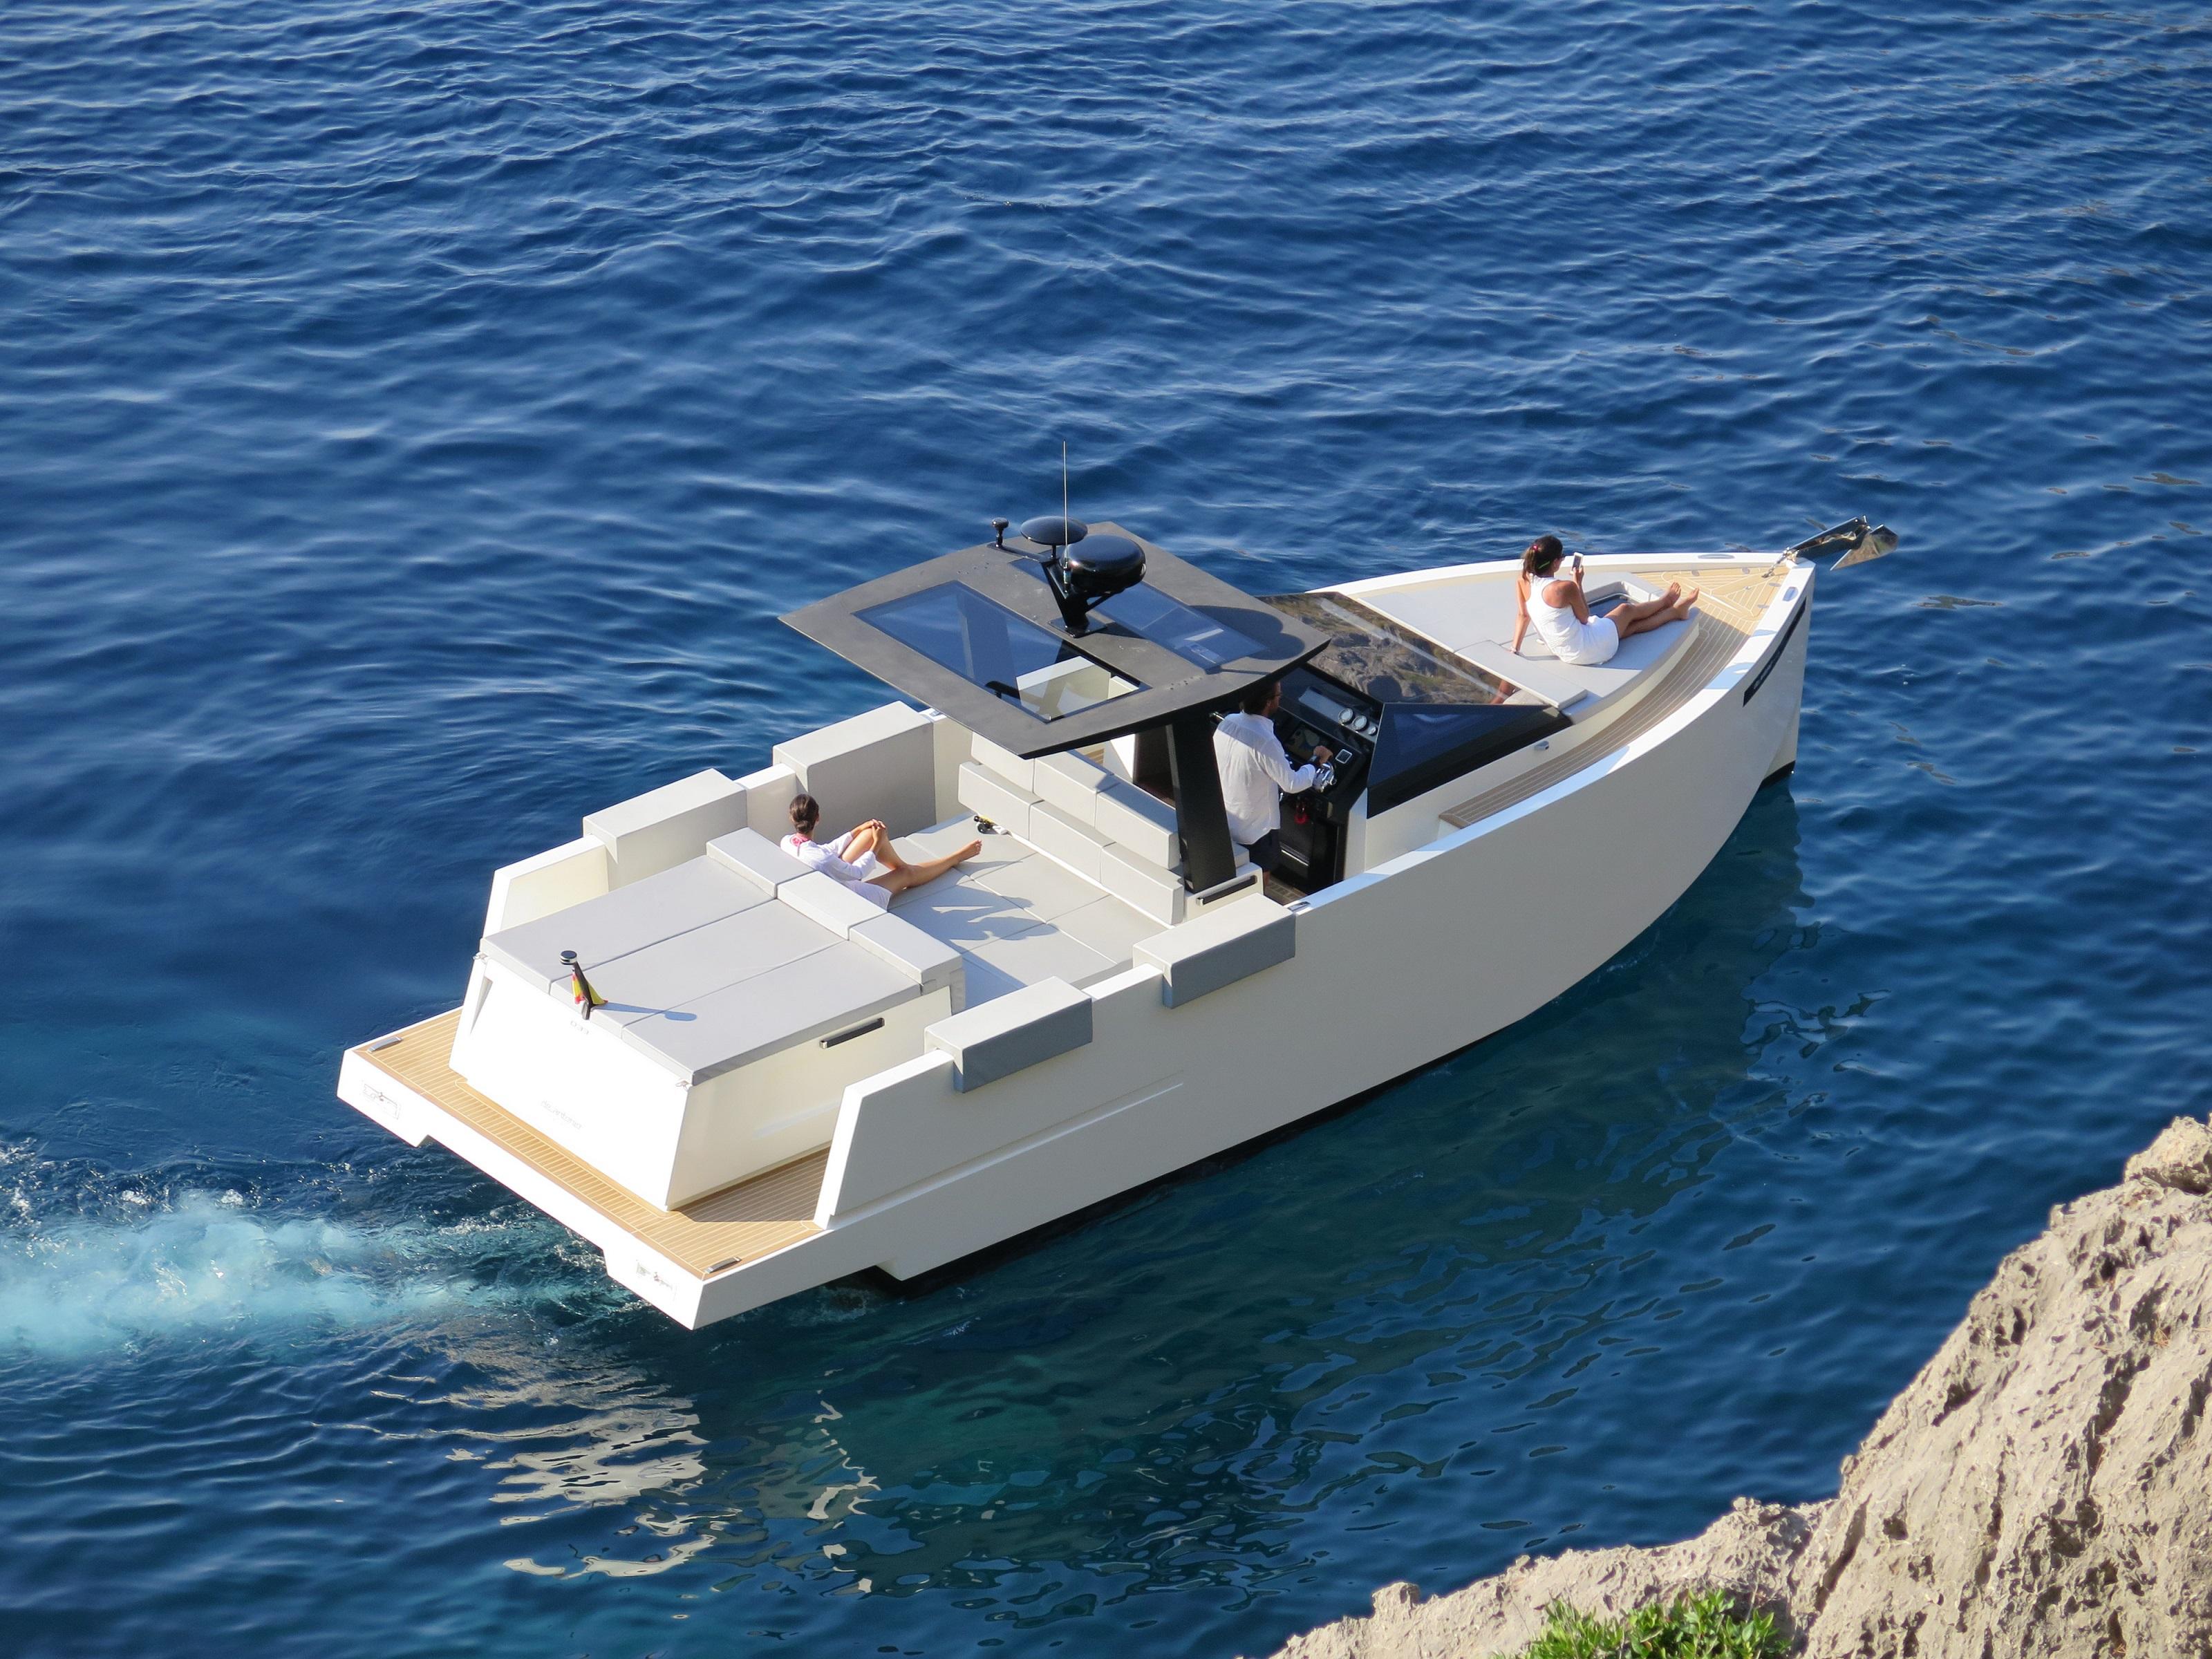 De_Antonio_Yachts_D33_Cruiser_14[1]